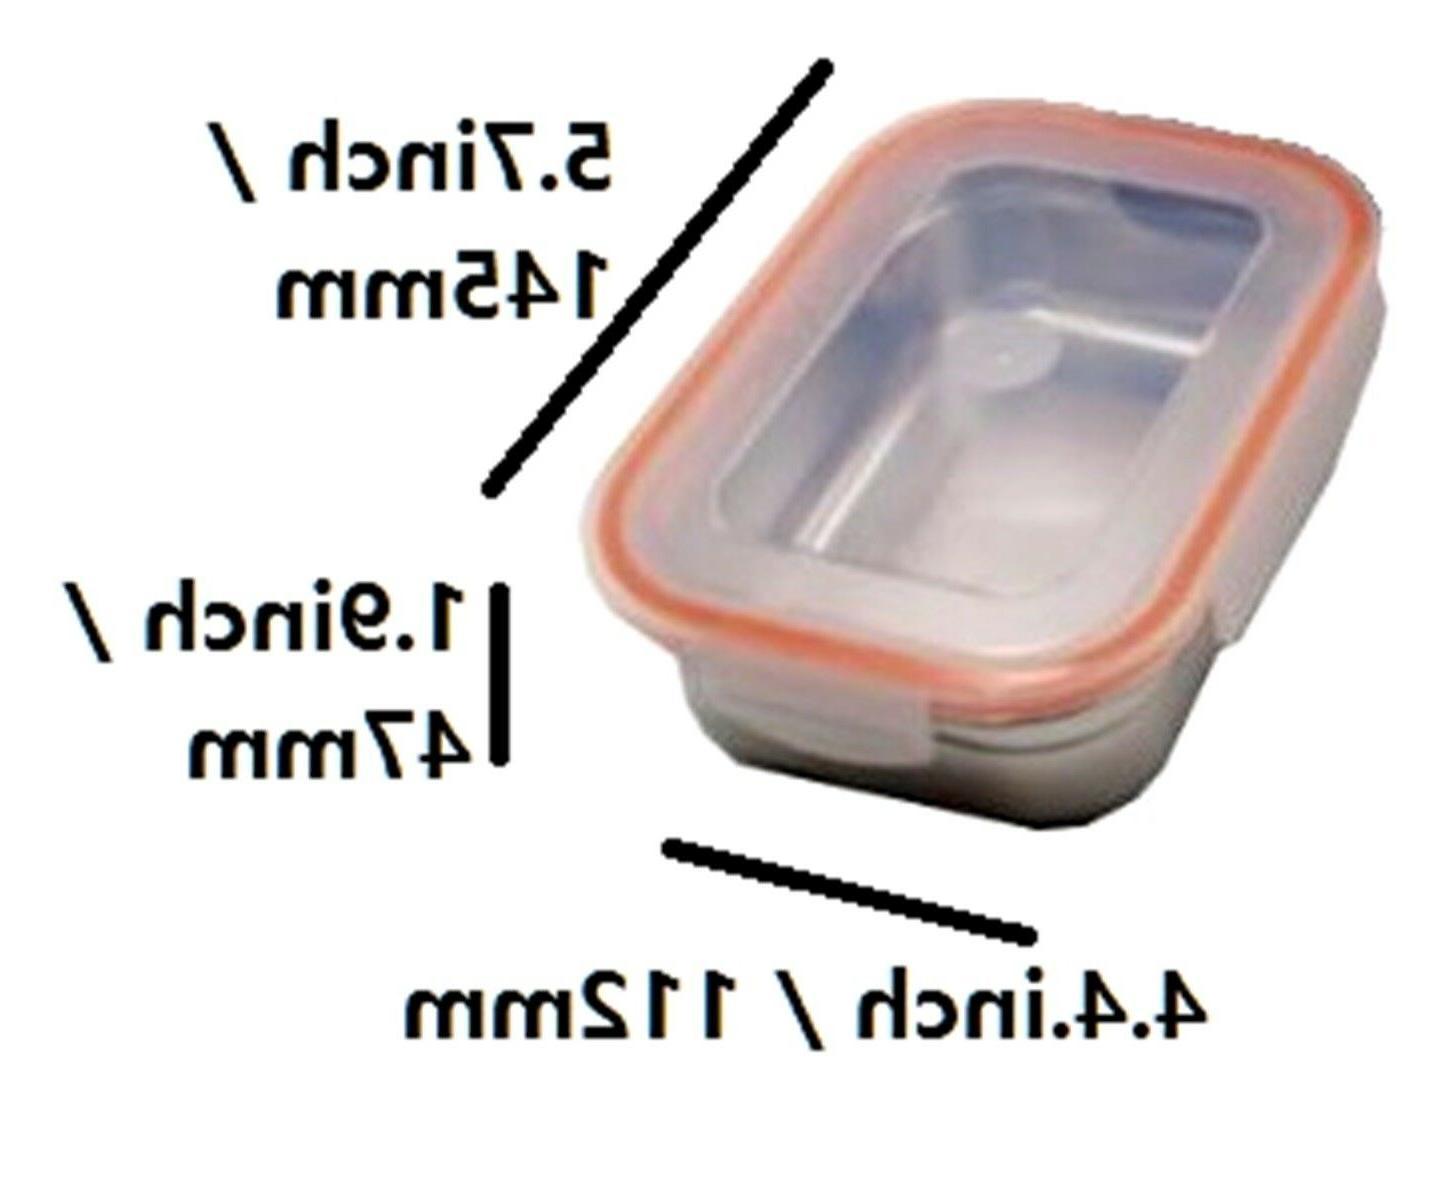 ALLPOOMLOCK Stainless Lunch Box Bag Shaker 14oz/15oz